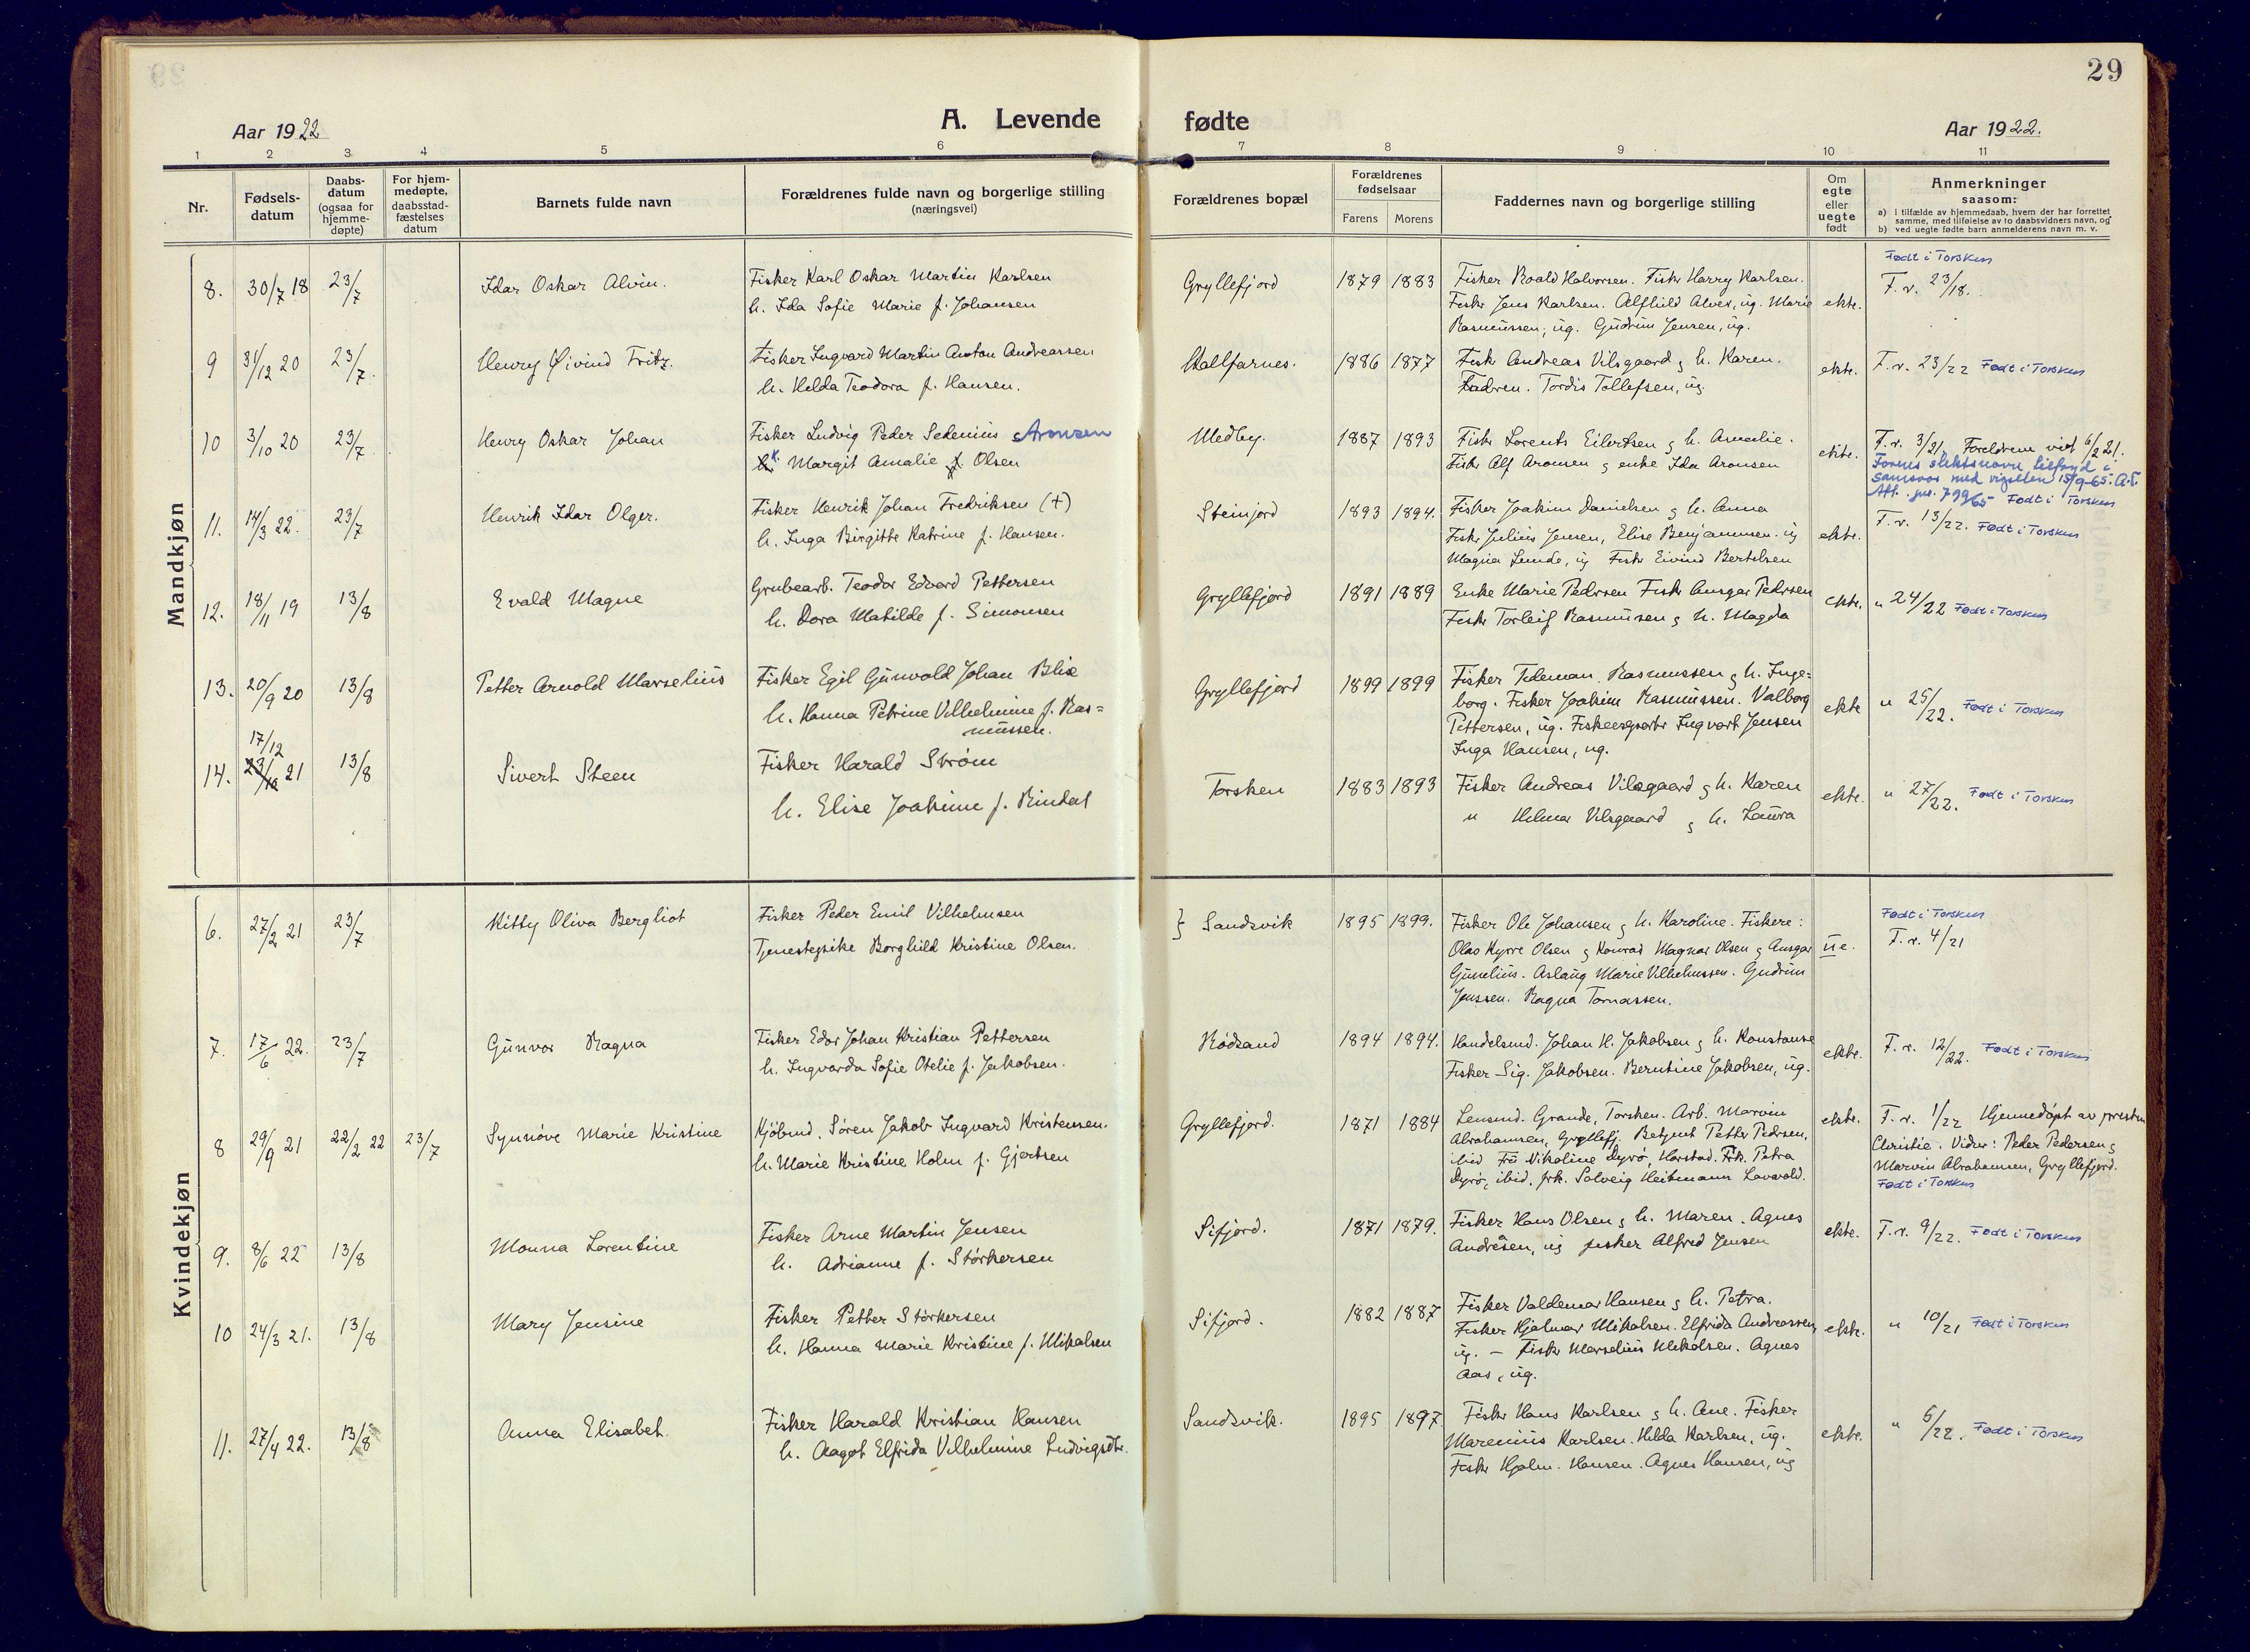 SATØ, Mefjord/Berg sokneprestkontor, G/Ga/Gaa: Parish register (official) no. 10, 1916-1928, p. 29